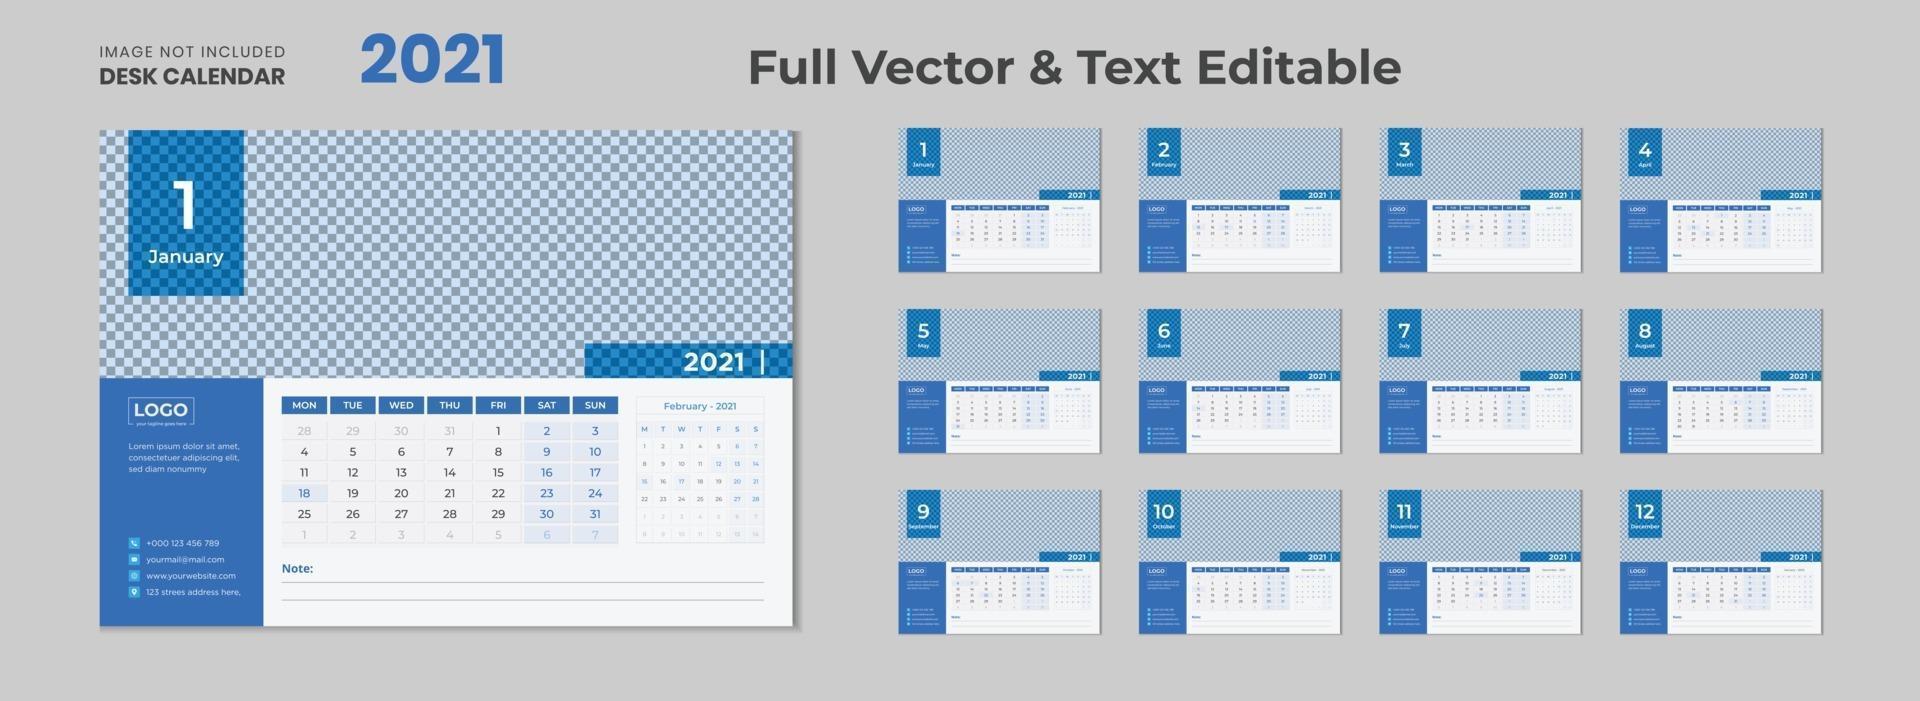 2022 Desk Calendar With Blue Layout Blue Desk Calendar 2022 New Desk Calendar 2021 Template 12 Months Included 2393903 Vector Art At Vecteezy